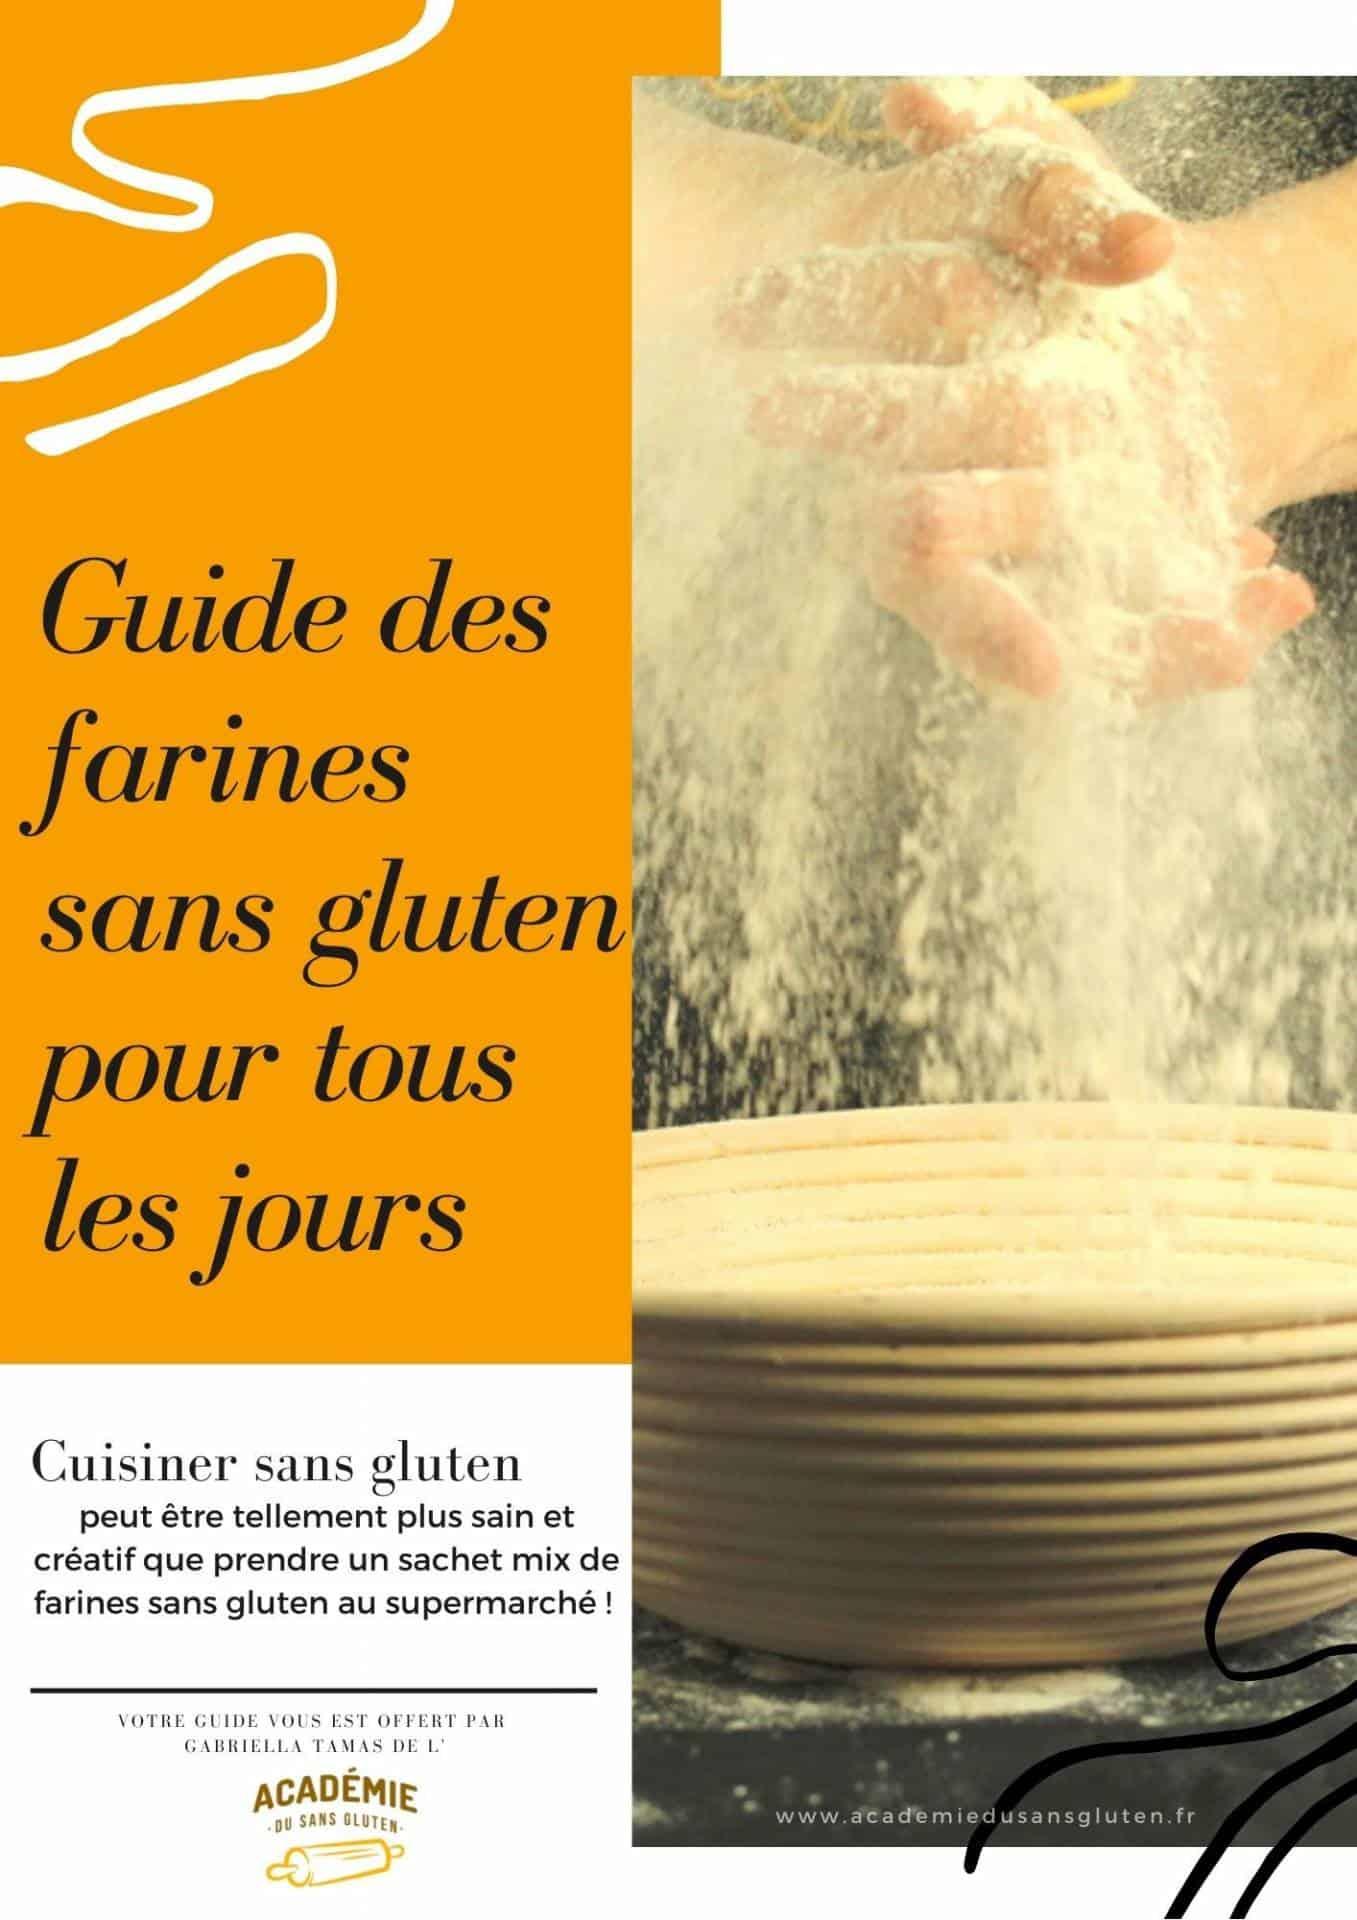 Guide des farines sans gluten pur tous les jours